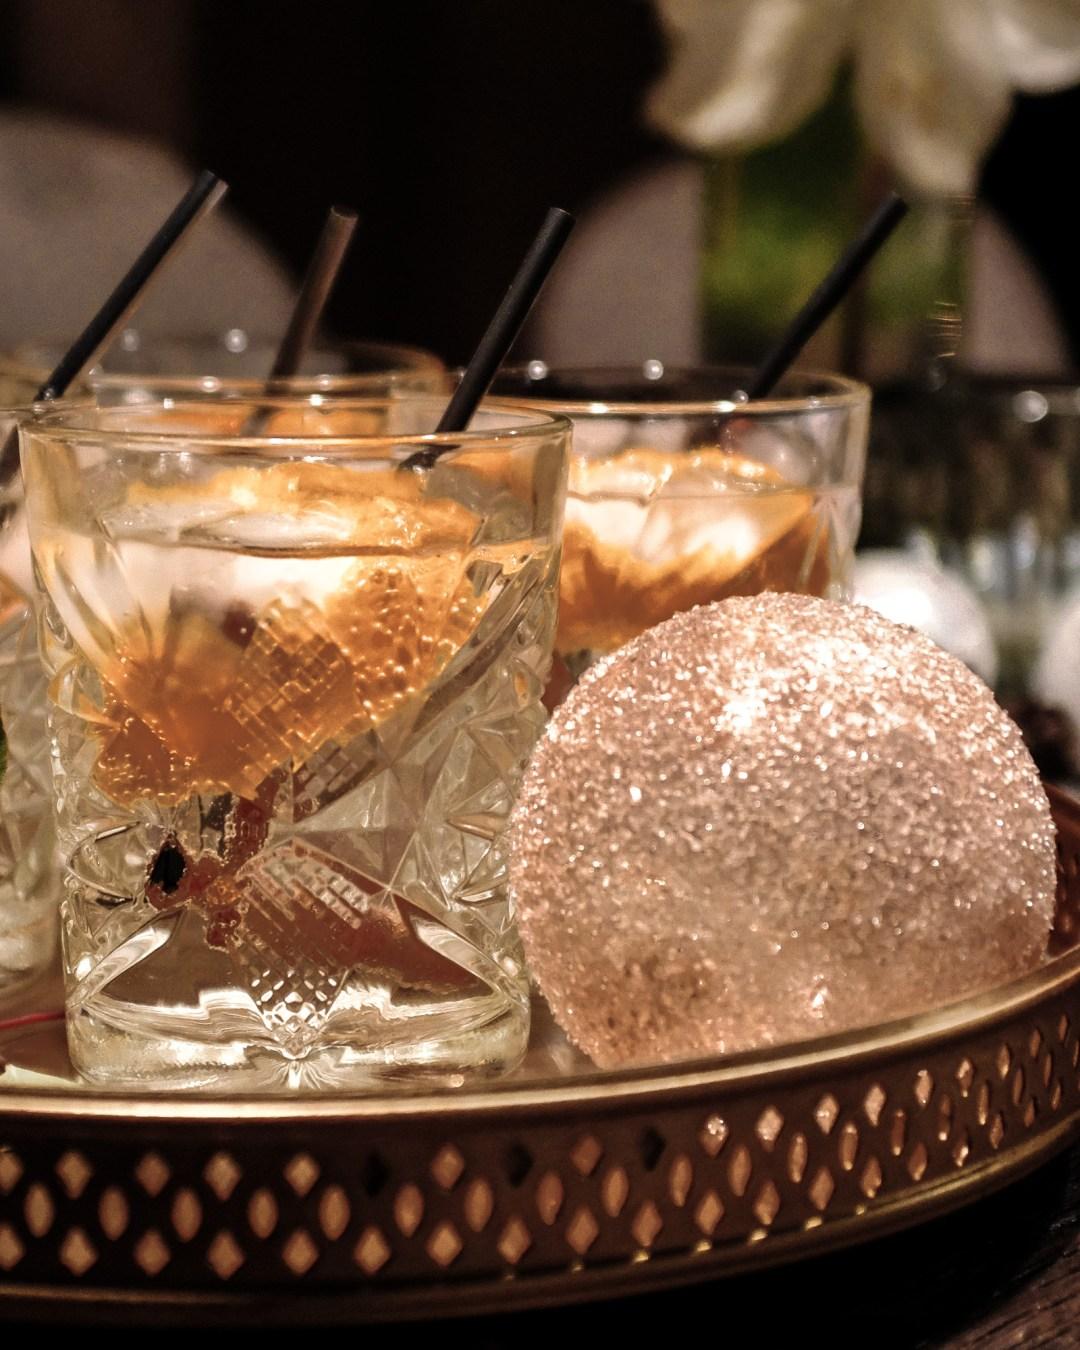 inastil christmastime Weihnachtszeit Partyoutfit Cocktail Gin Cocktailtime GincocktailDSCF2330-2